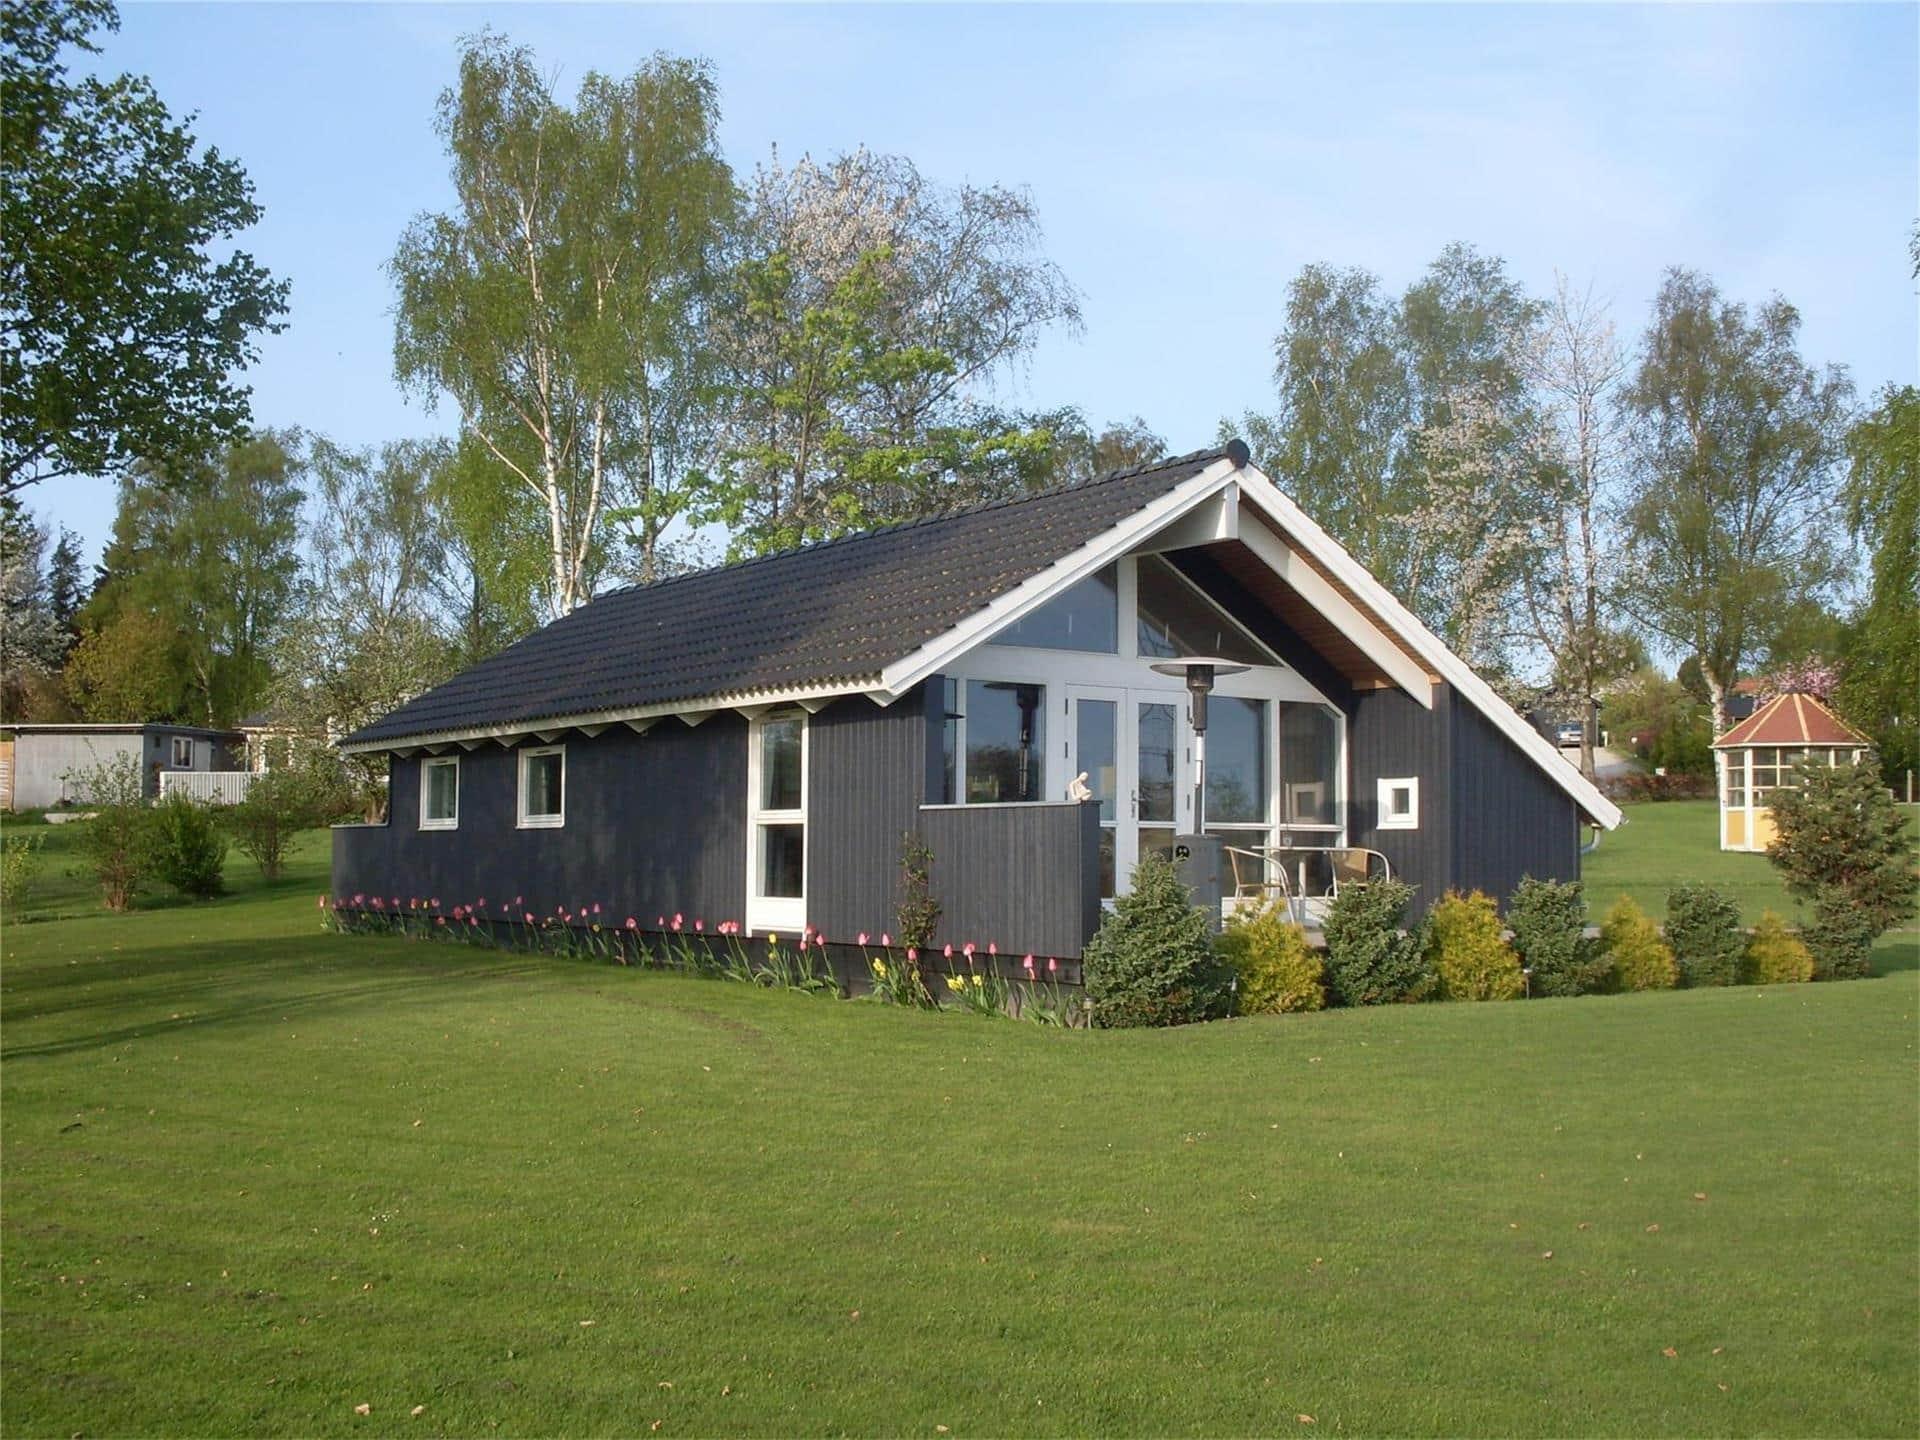 Afbeelding 1-1336 Vakantiehuis 865, Musvitvej 8, DK - 3300 Frederiksværk